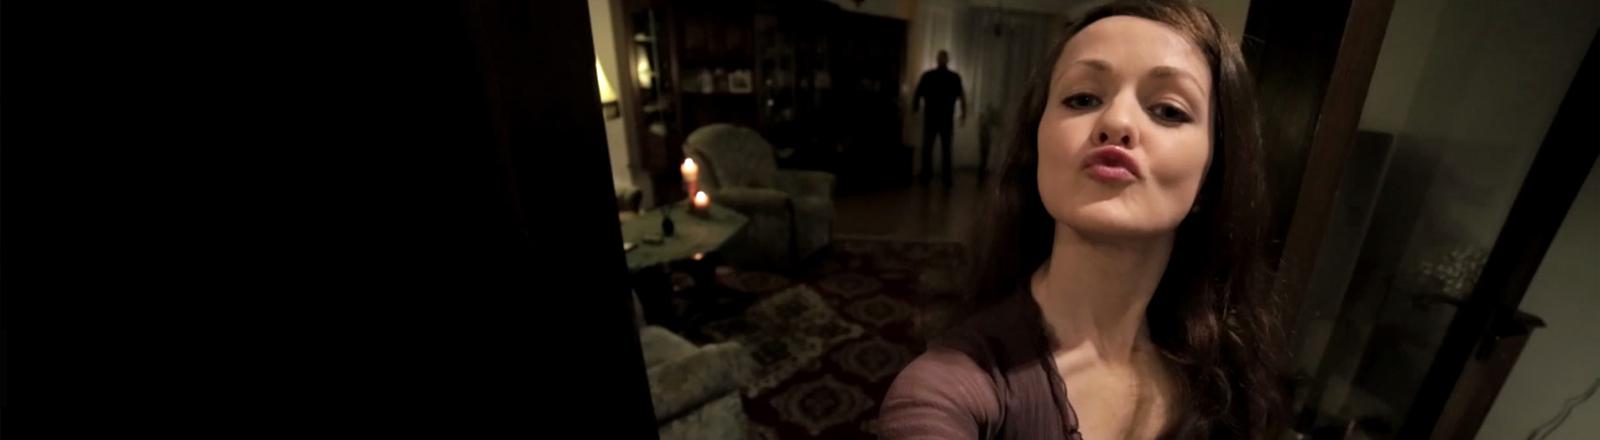 Die Schauspielerin Meelah Adams hat ein virales Video produziert, in dem sie selbst auftritt.